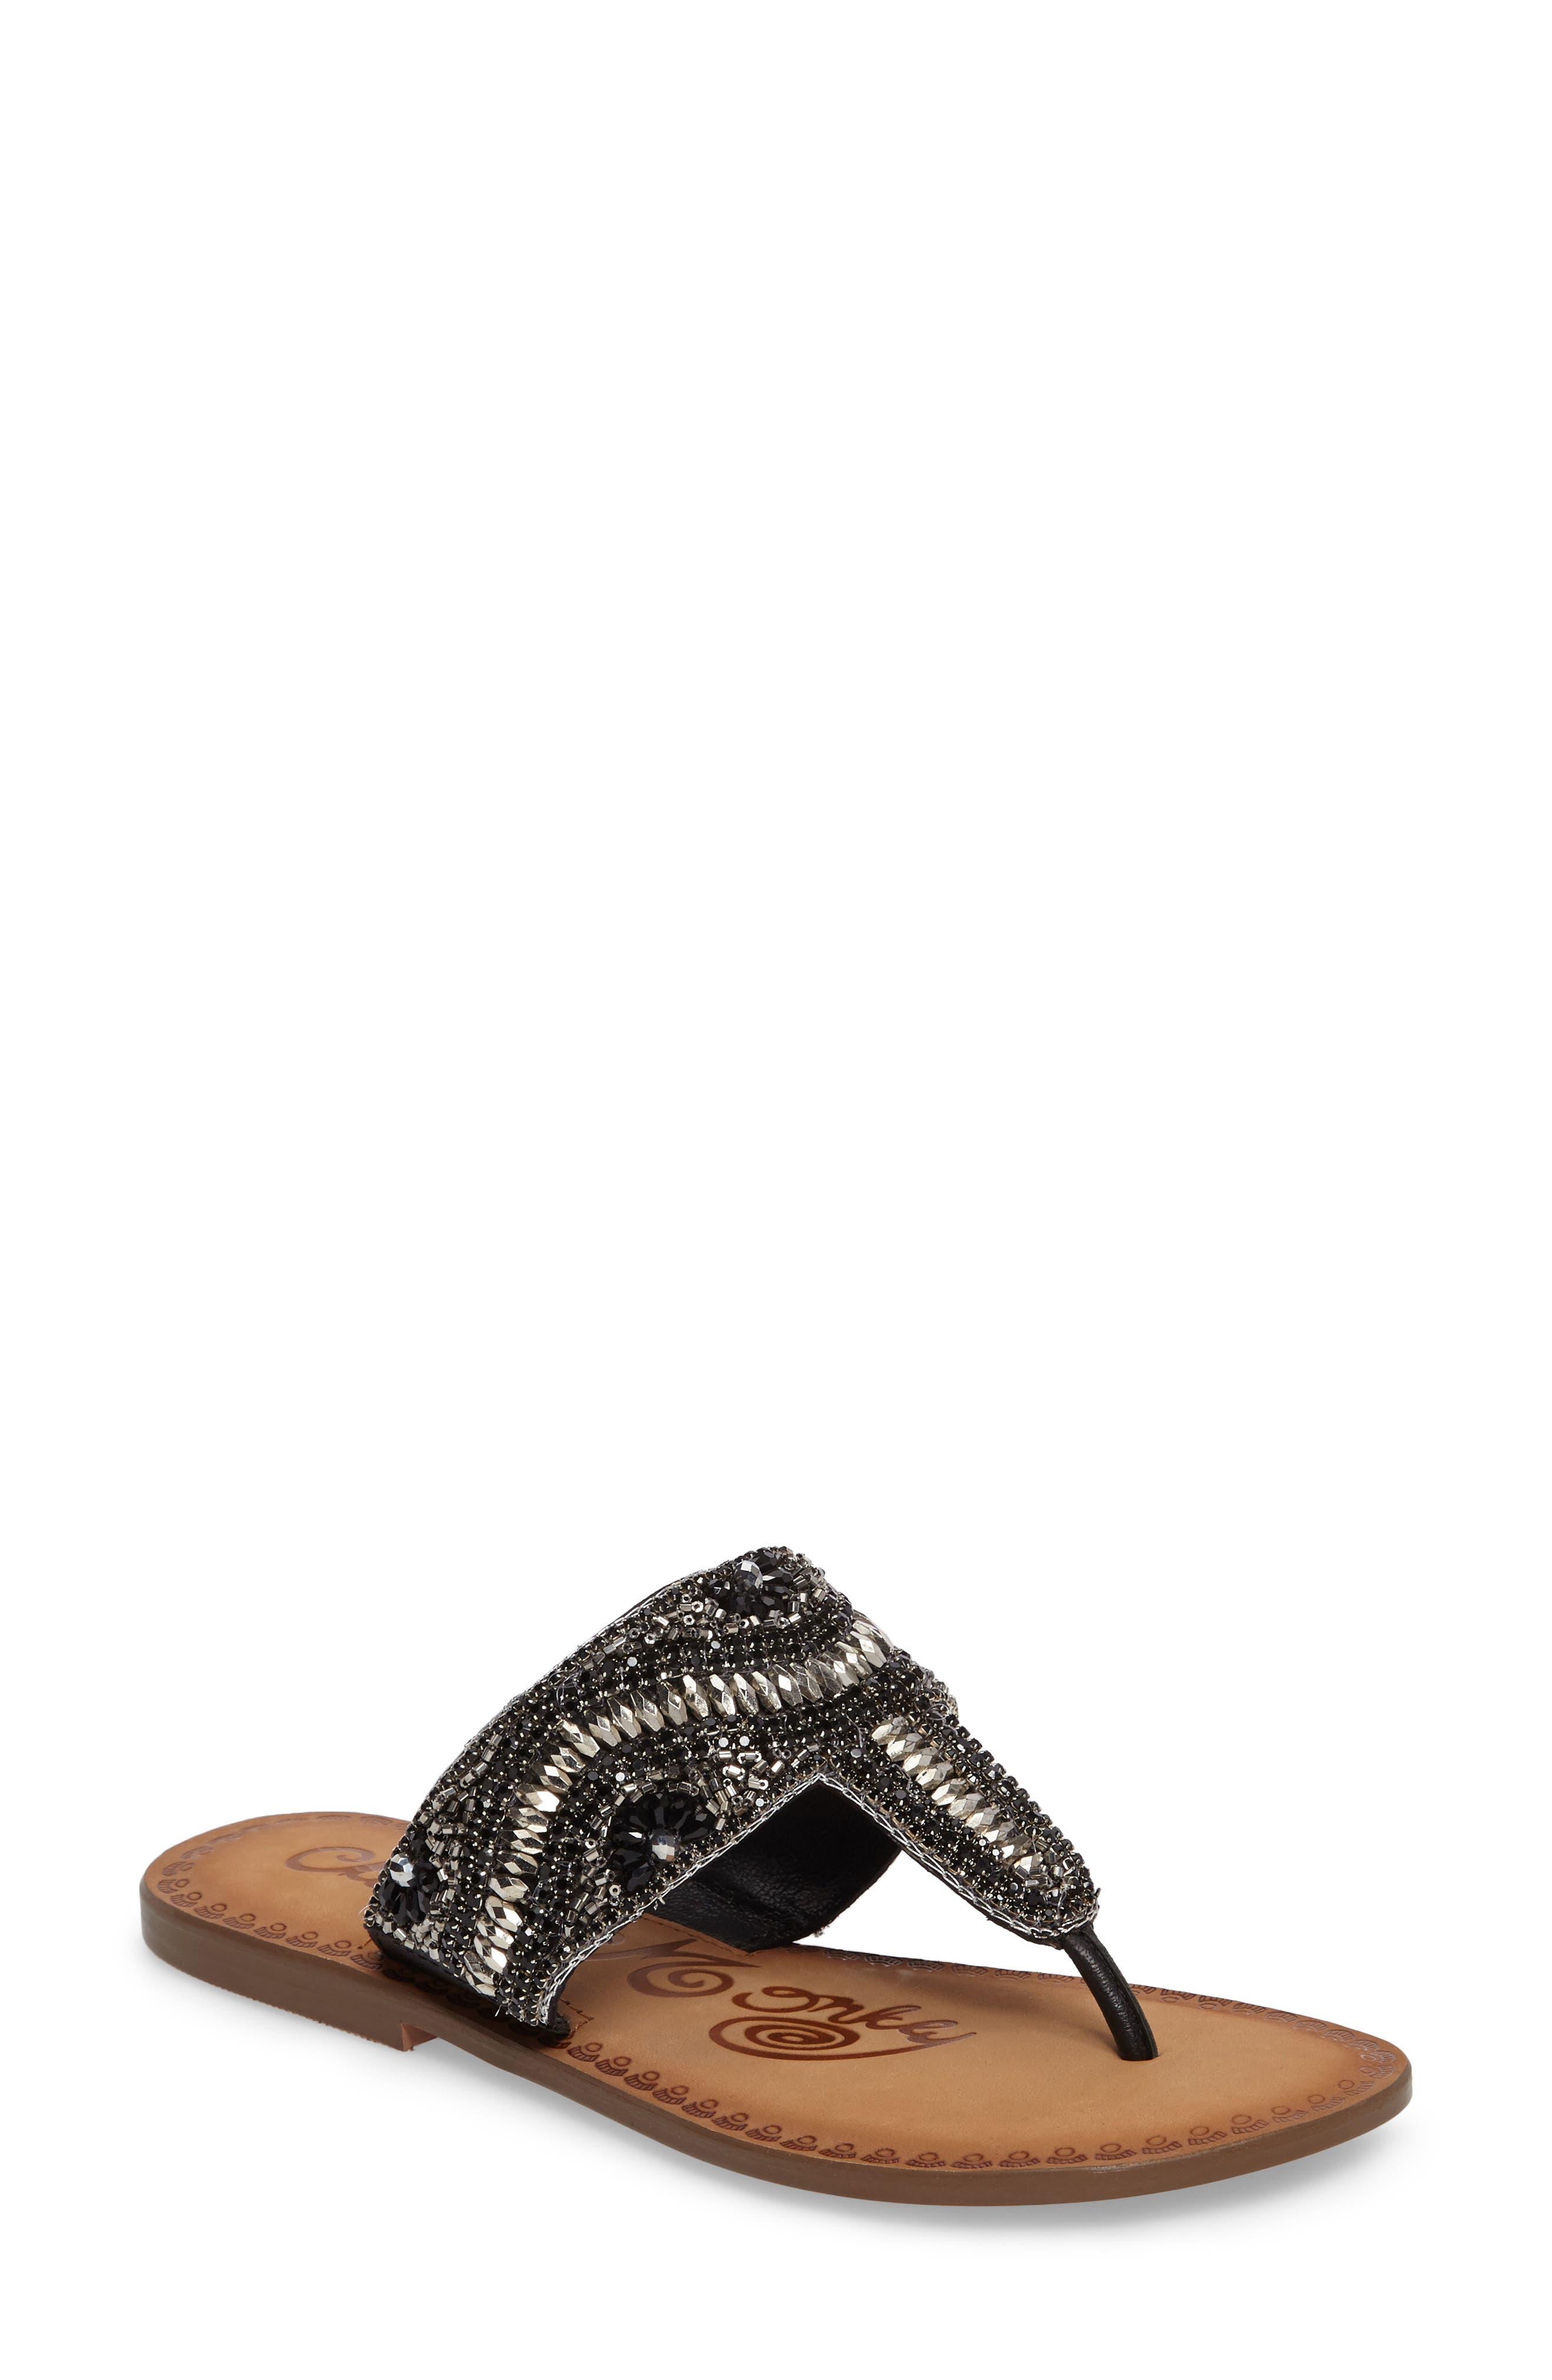 Lizabeth Embellished Sandal,                             Main thumbnail 1, color,                             Black Leather